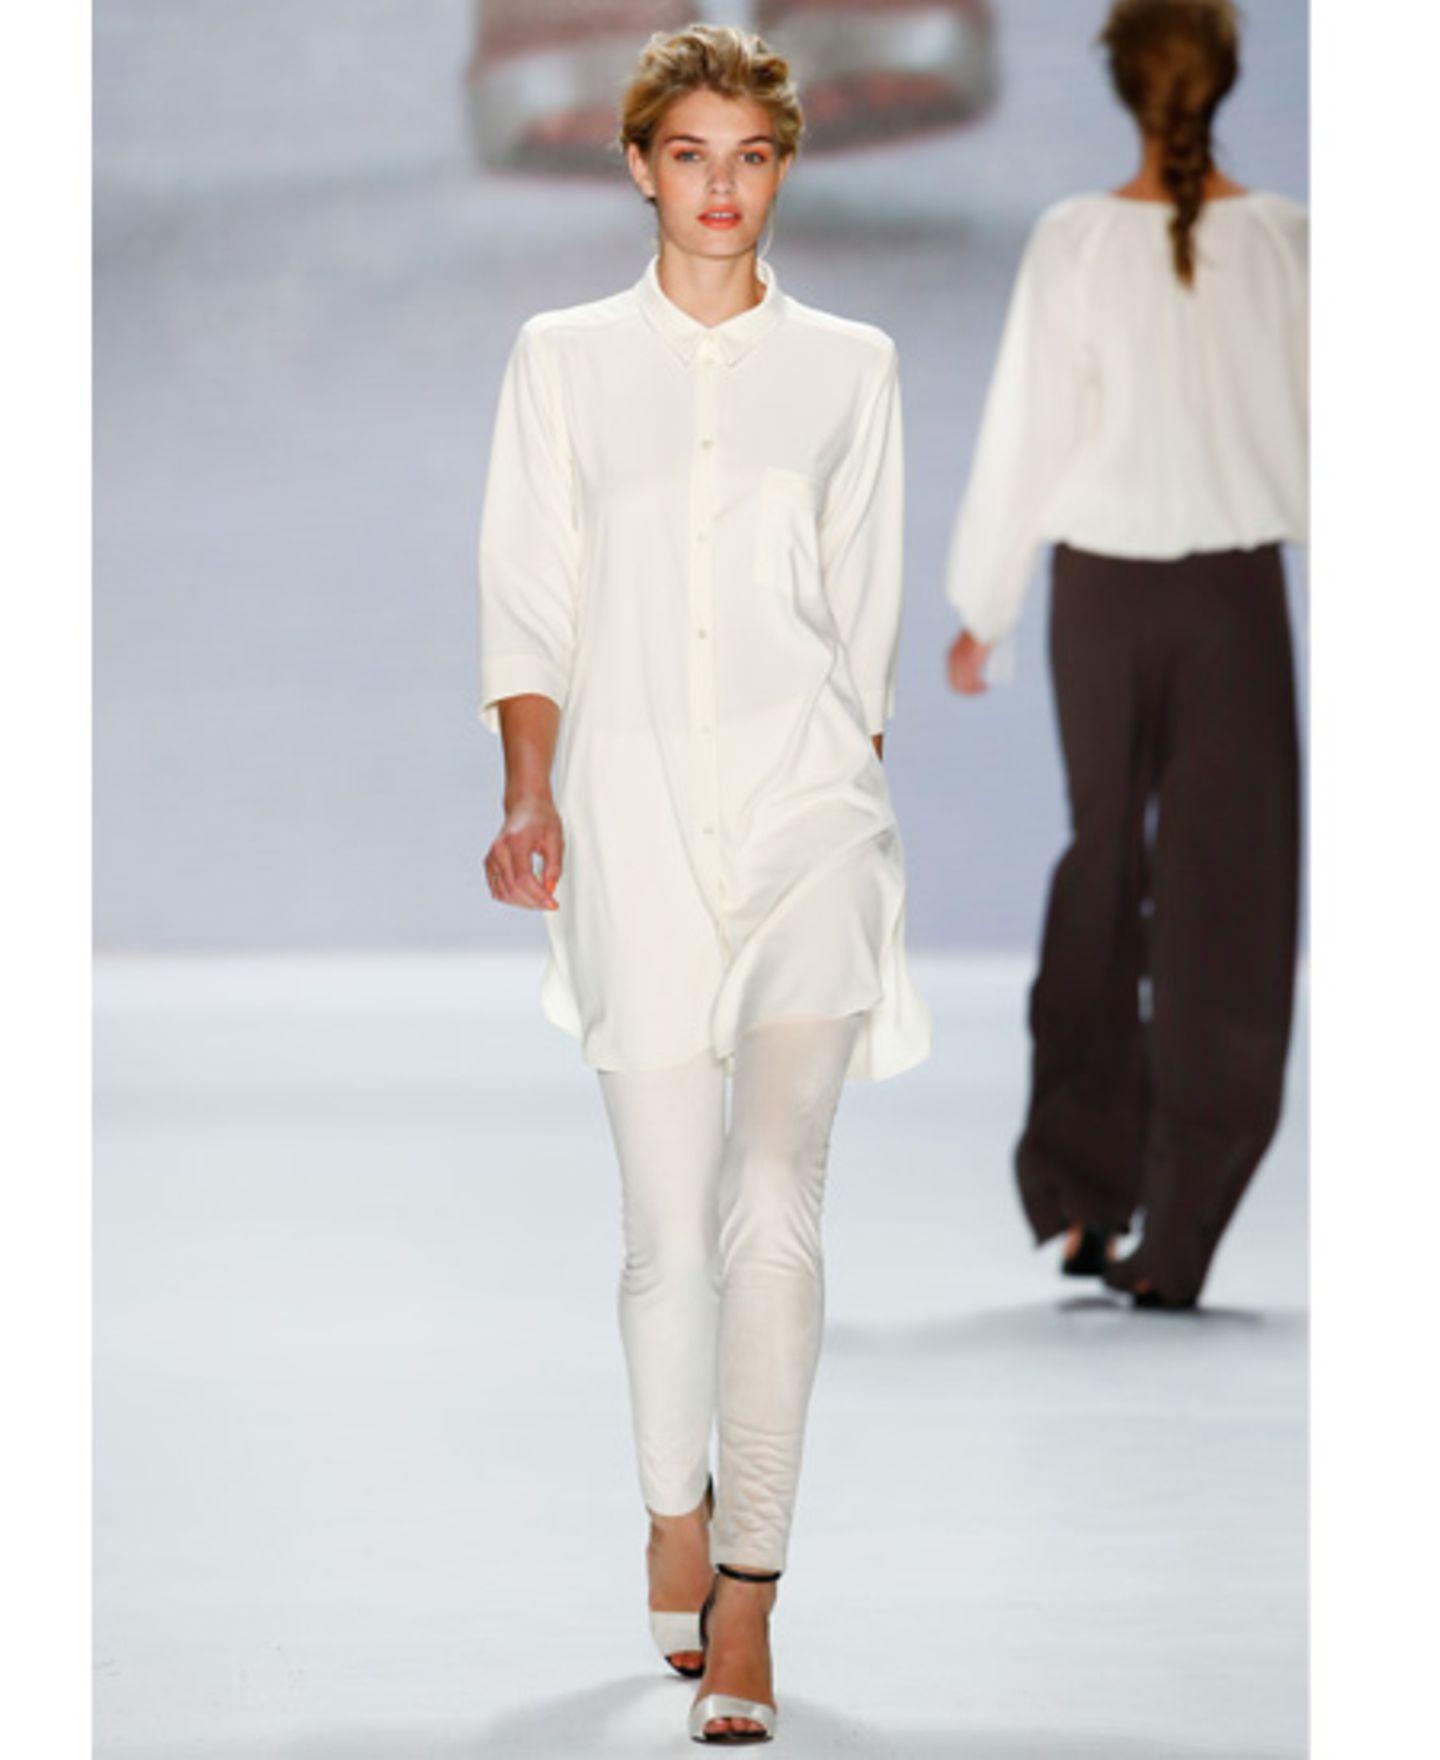 Weiße Leggins gehen gar nicht? Falsch. Wer die helle Variante zur weißen Bluse und weißen Schuhen kombiniert, macht mit dem Allover-Weiß-Look alles richtig.